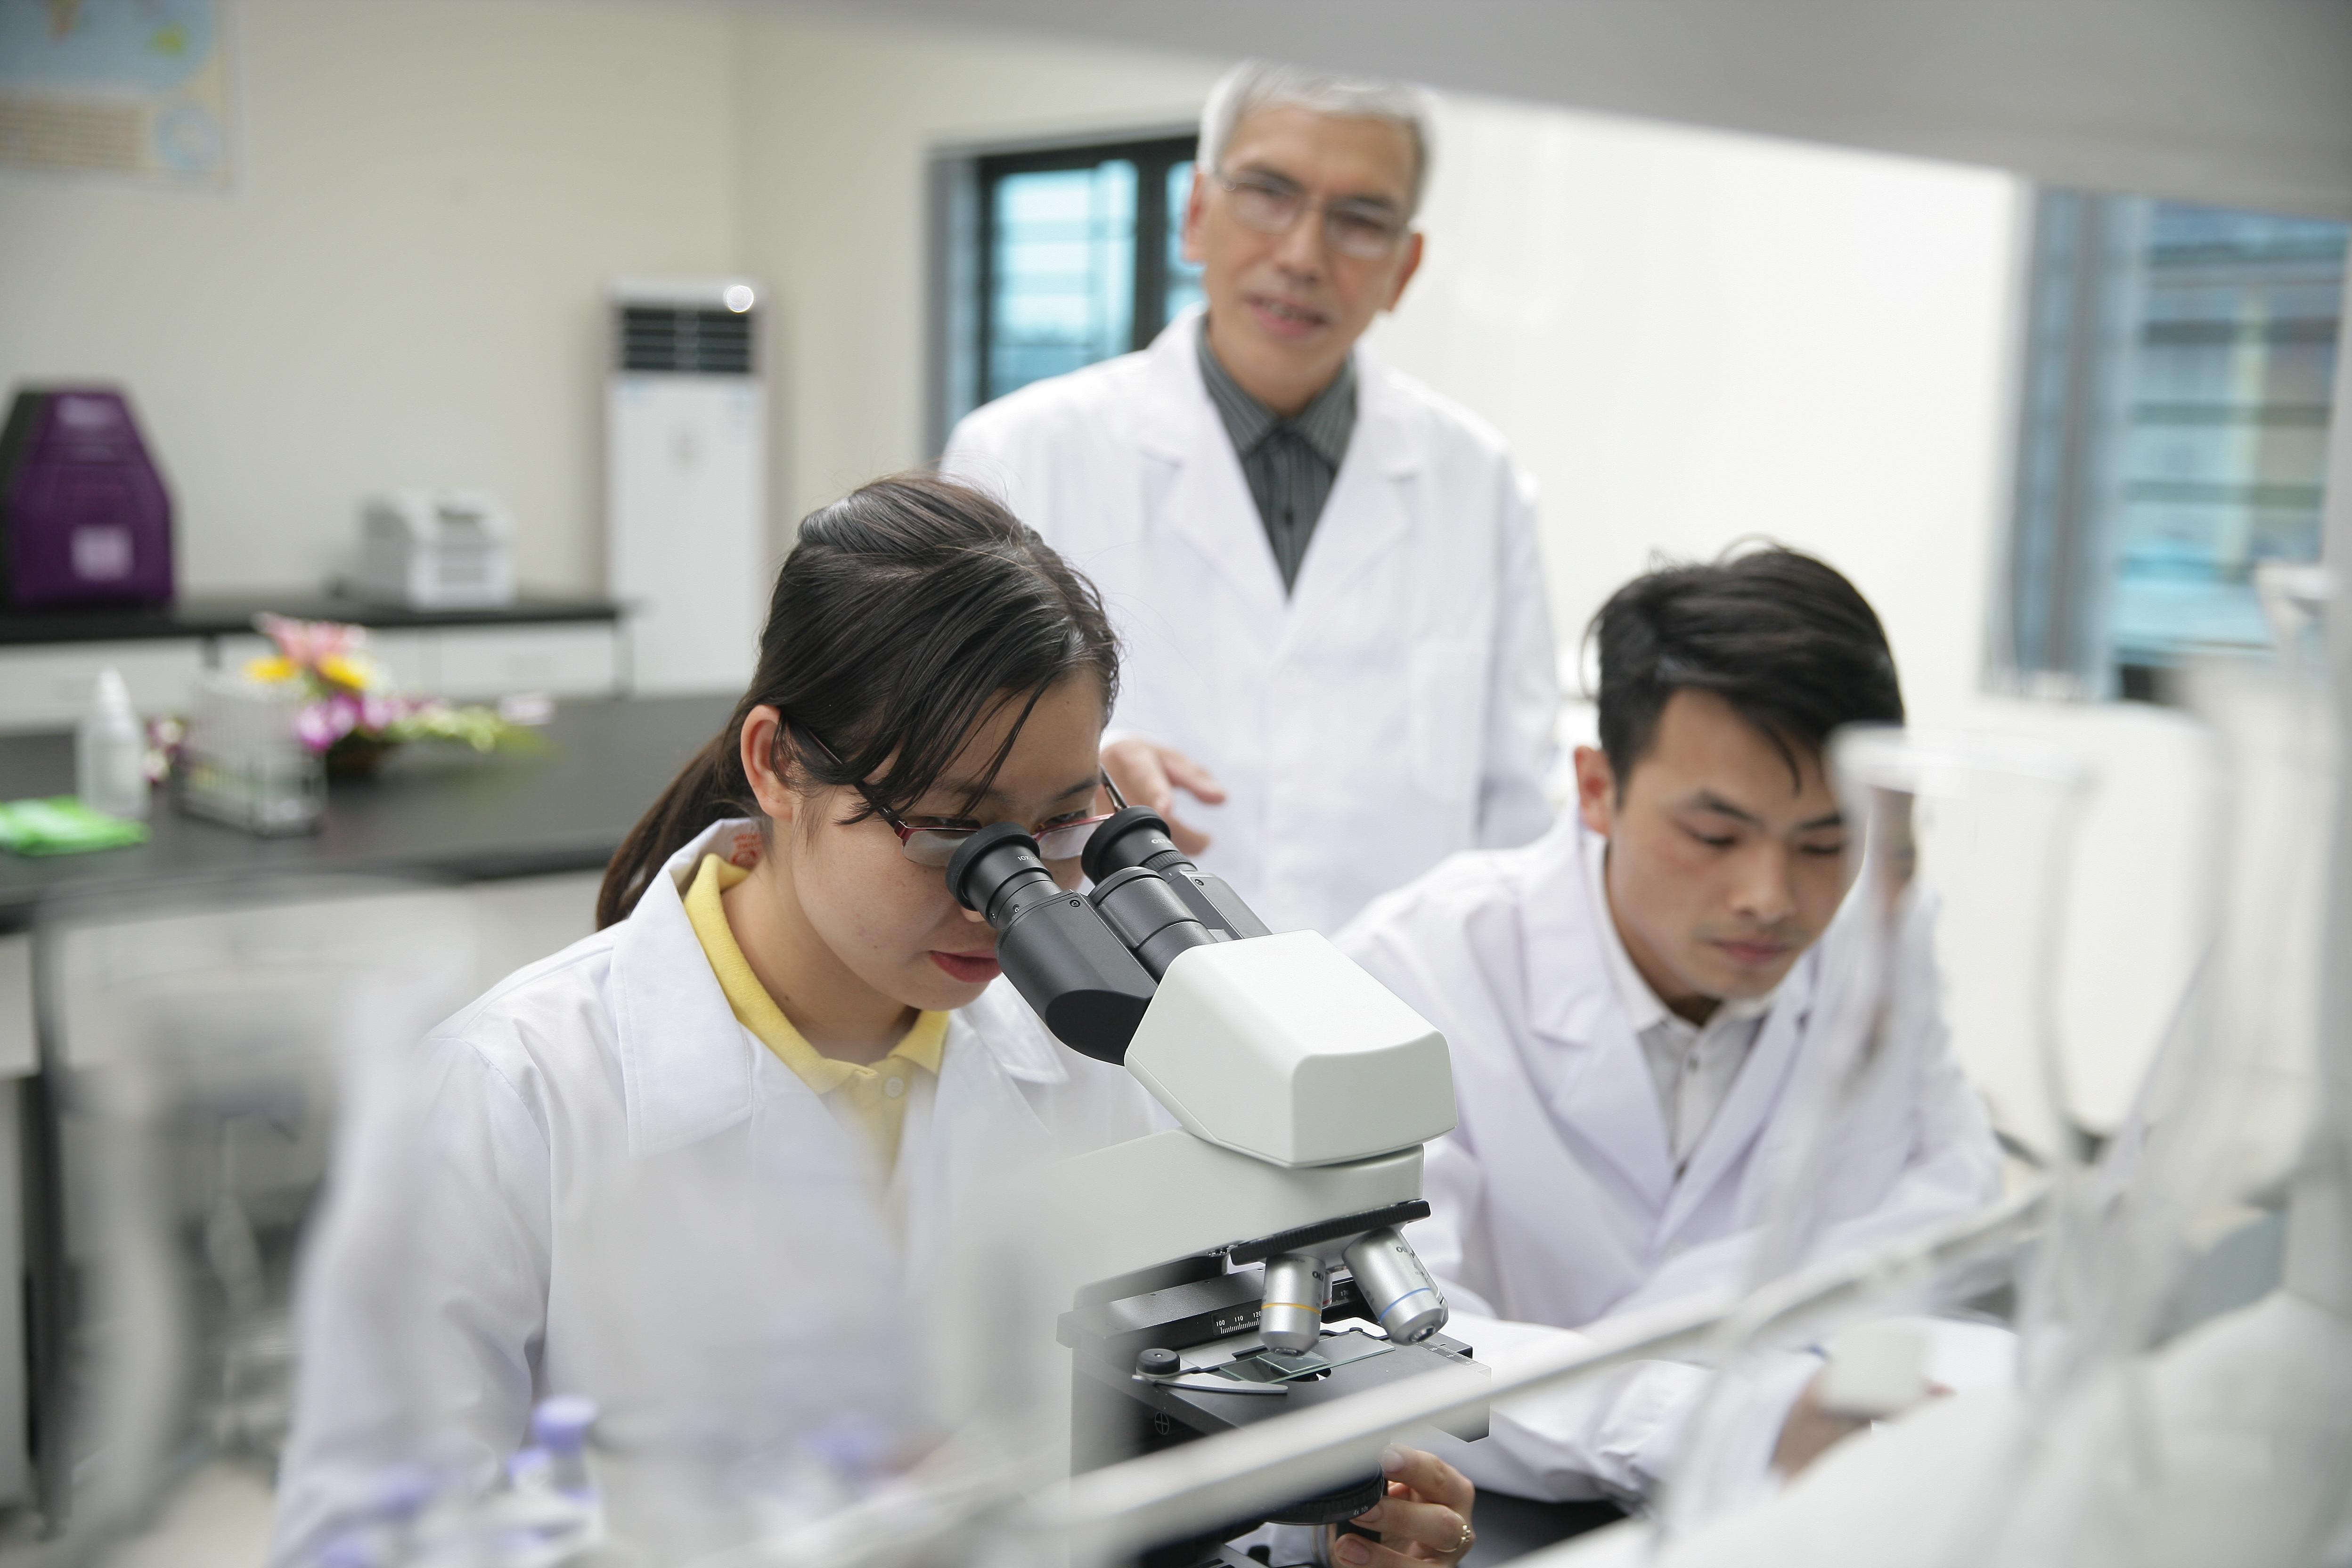 TP Hồ Chí Minh: 4 ngành công nghiệp trọng điểm sẽ được hỗ trợ tối đa